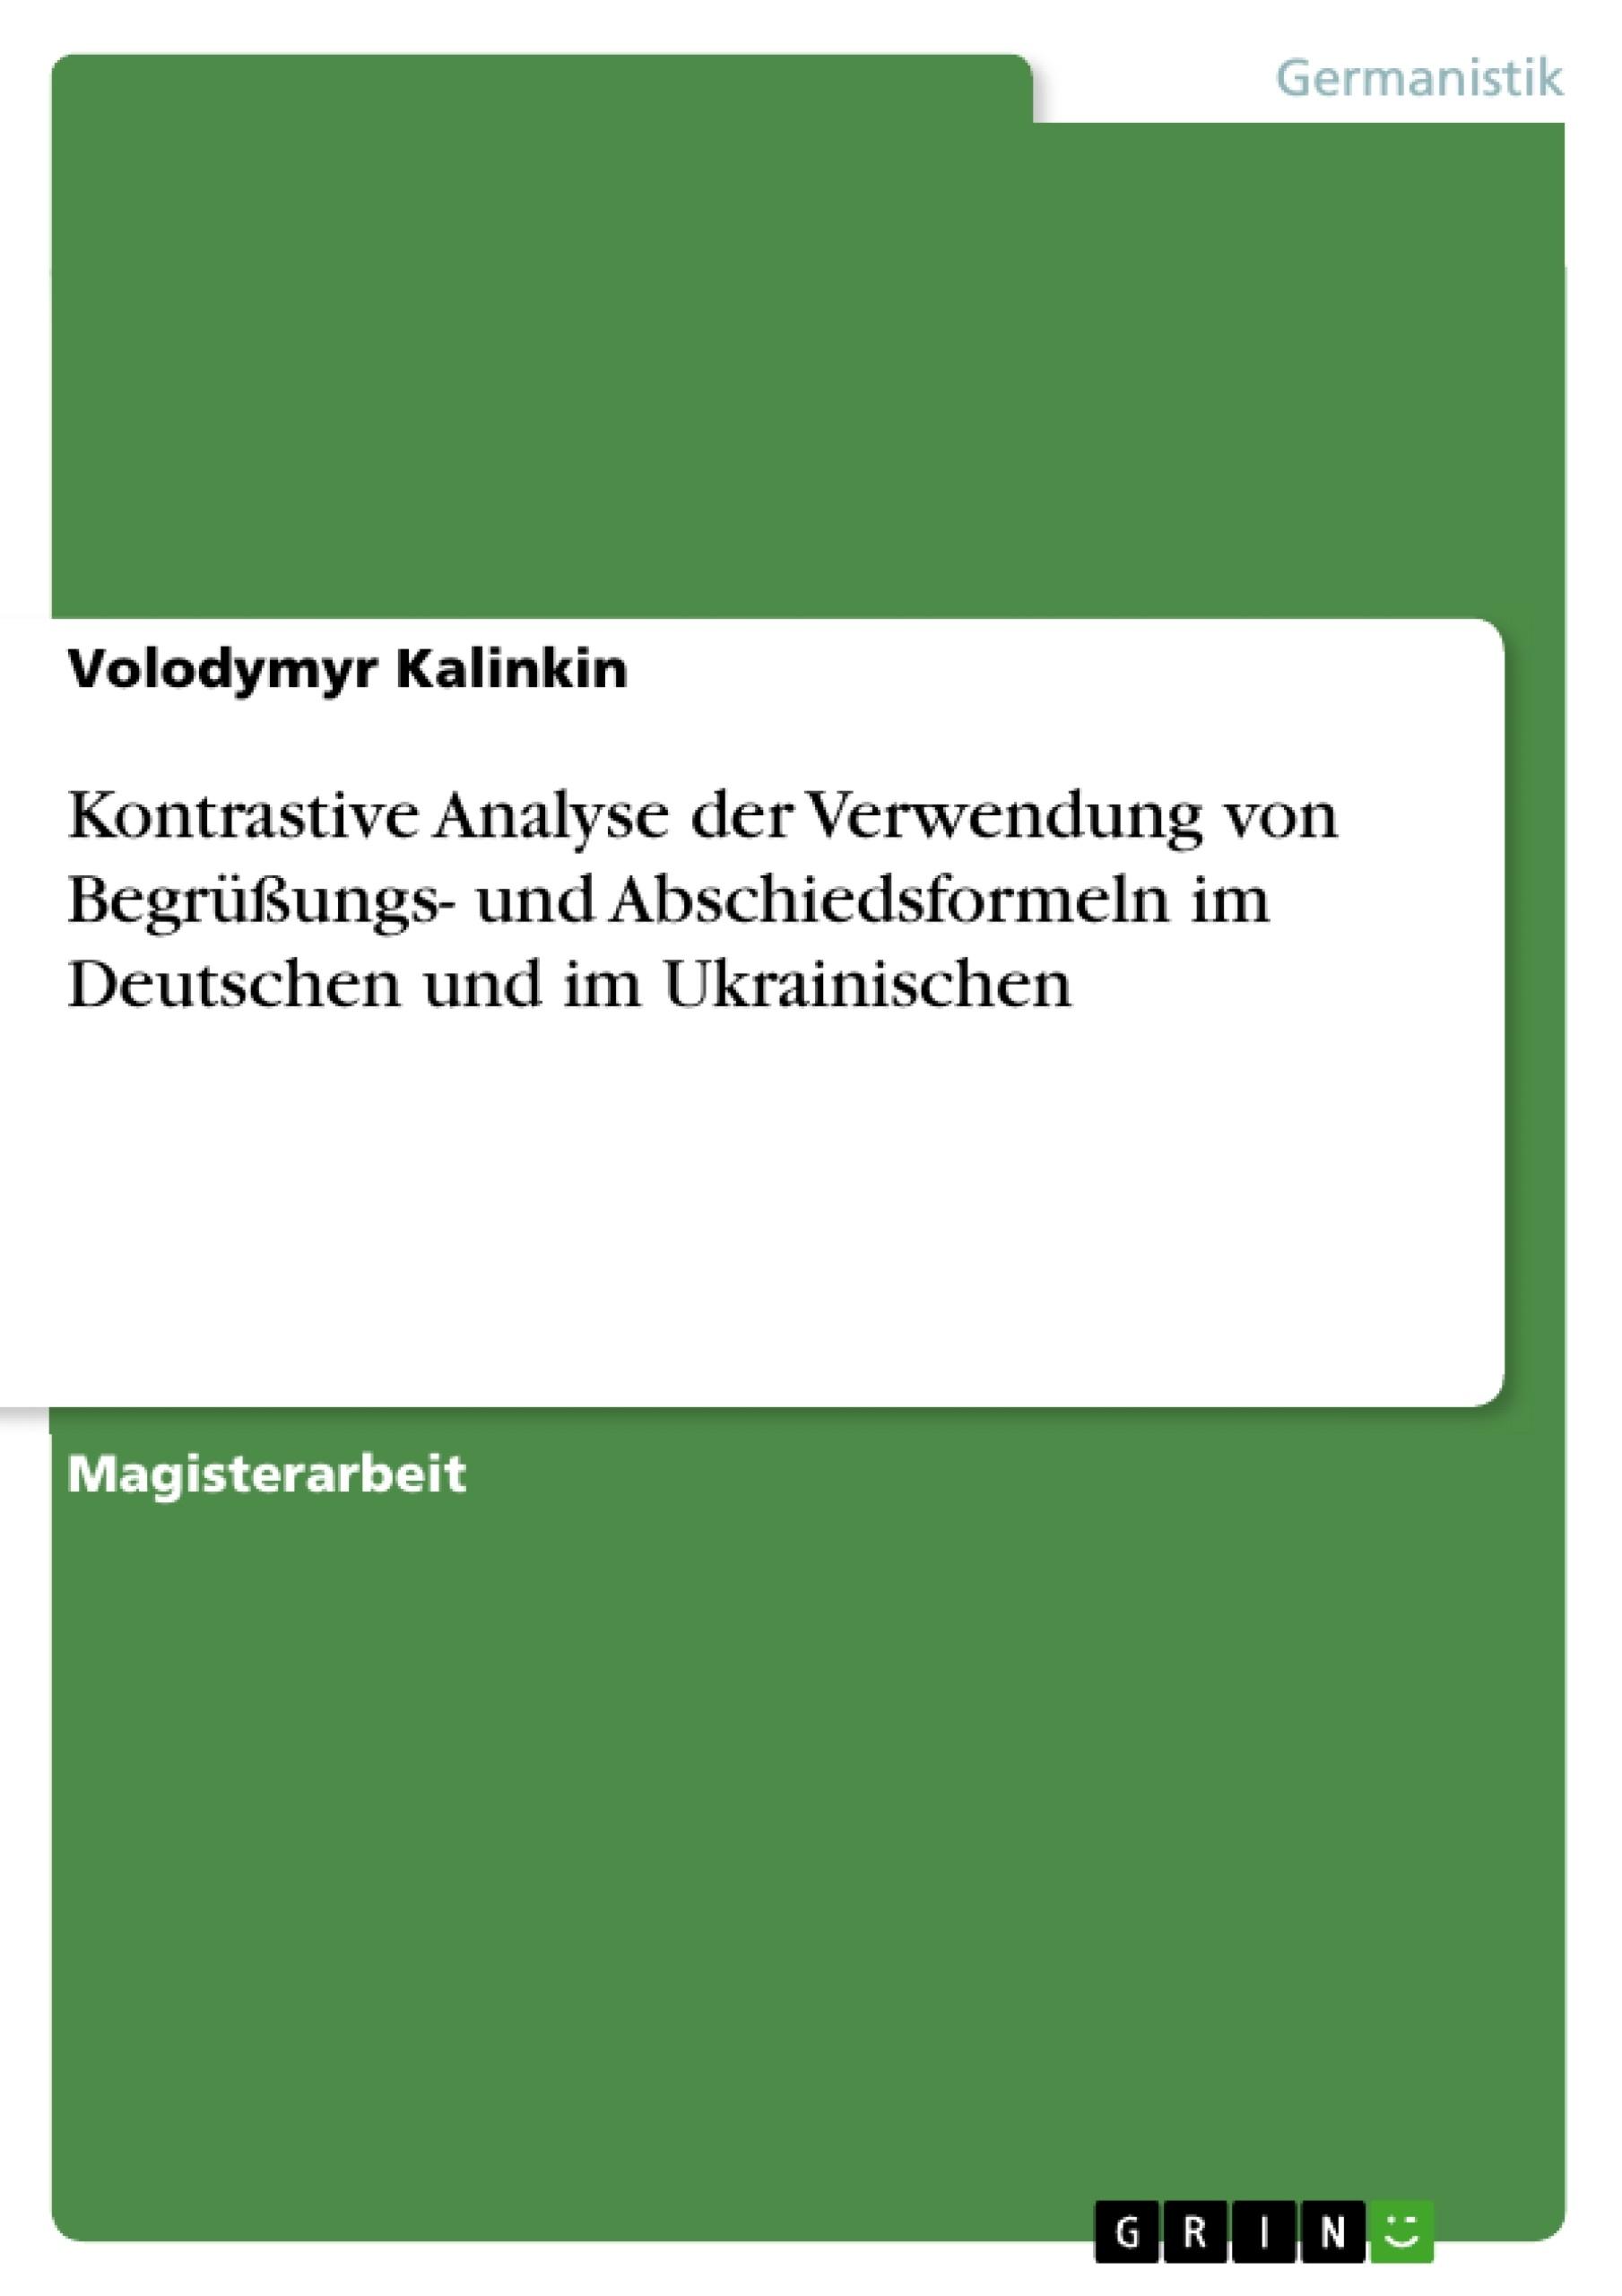 Titel: Kontrastive Analyse der Verwendung von Begrüßungs- und Abschiedsformeln im Deutschen und im Ukrainischen